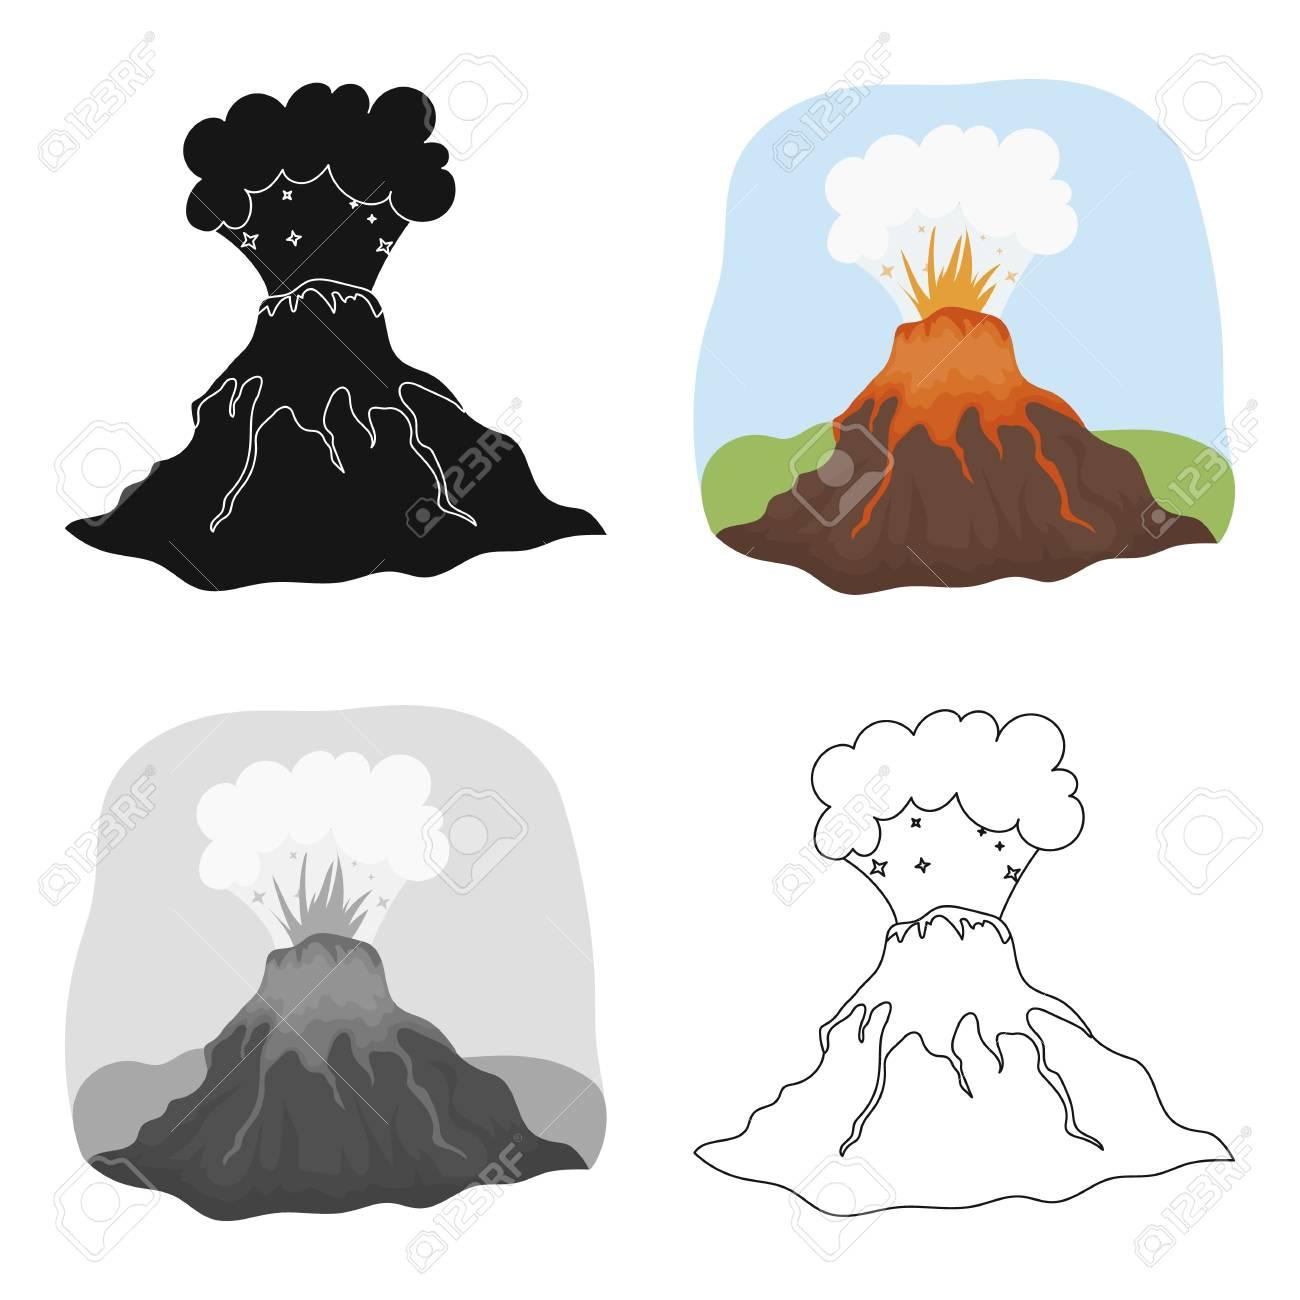 Icône D éruption De Volcan Dans Le Style De Dessin Animé Isolé Sur Fond Blanc Dinosaures Et Symboles Préhistoriques